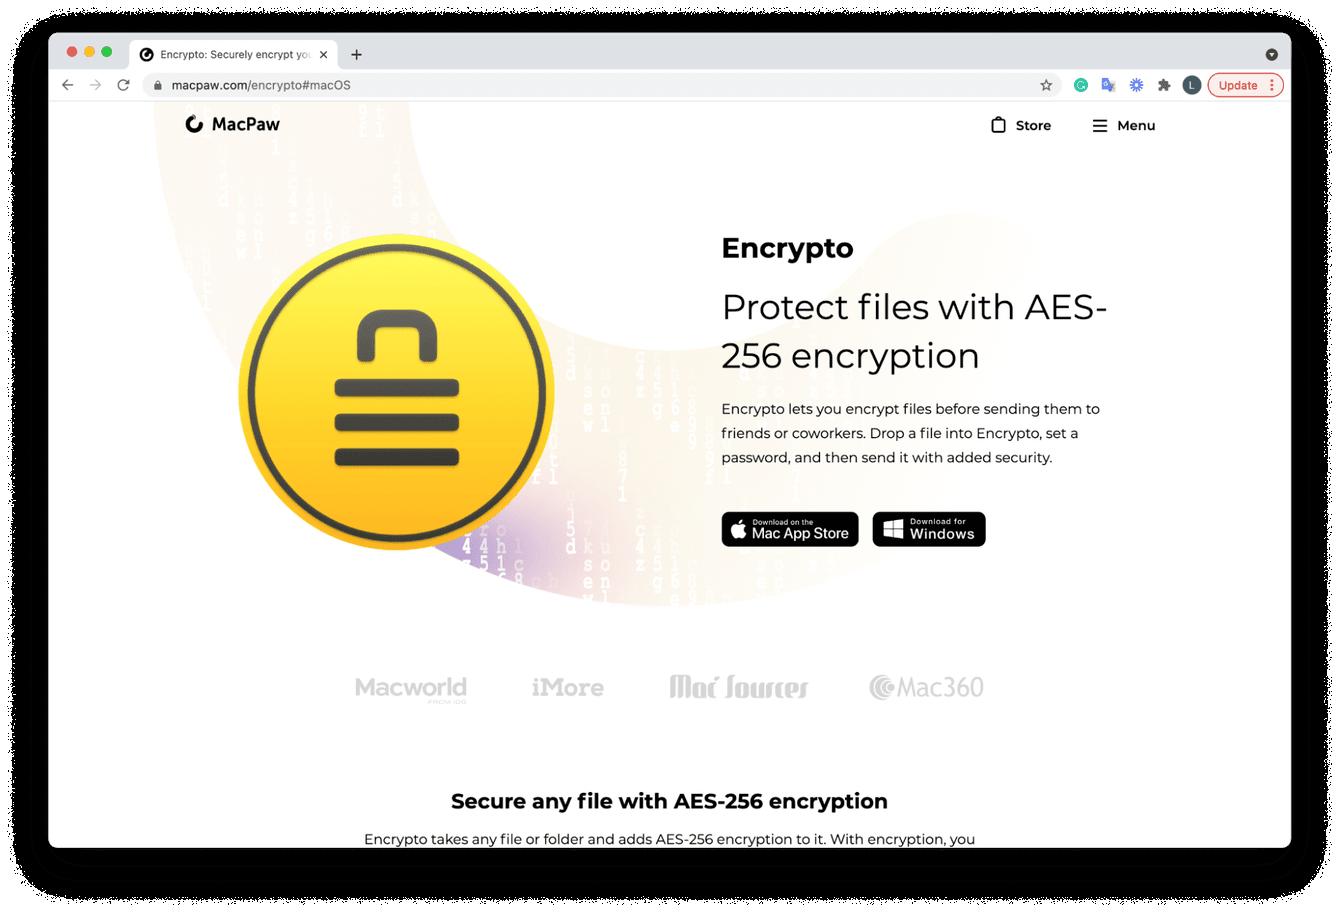 Encrypto software